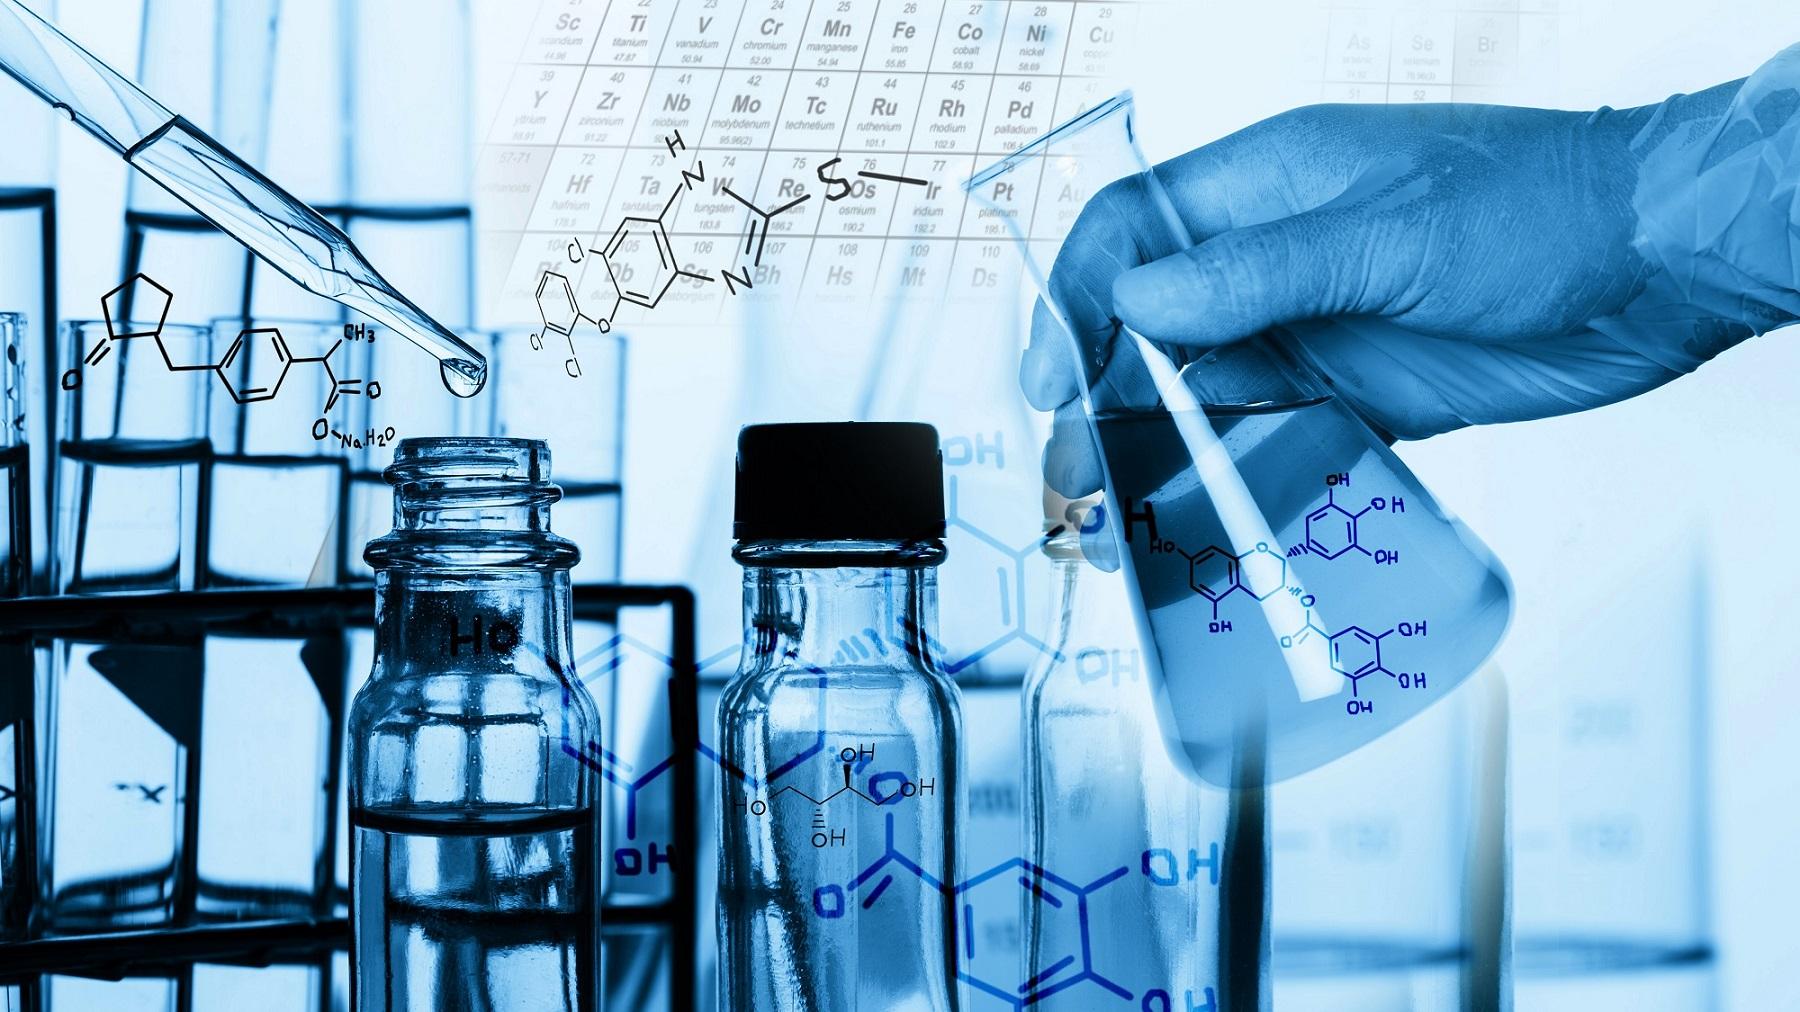 天然酵素与工程酵素有什么区别?哪些食物含有